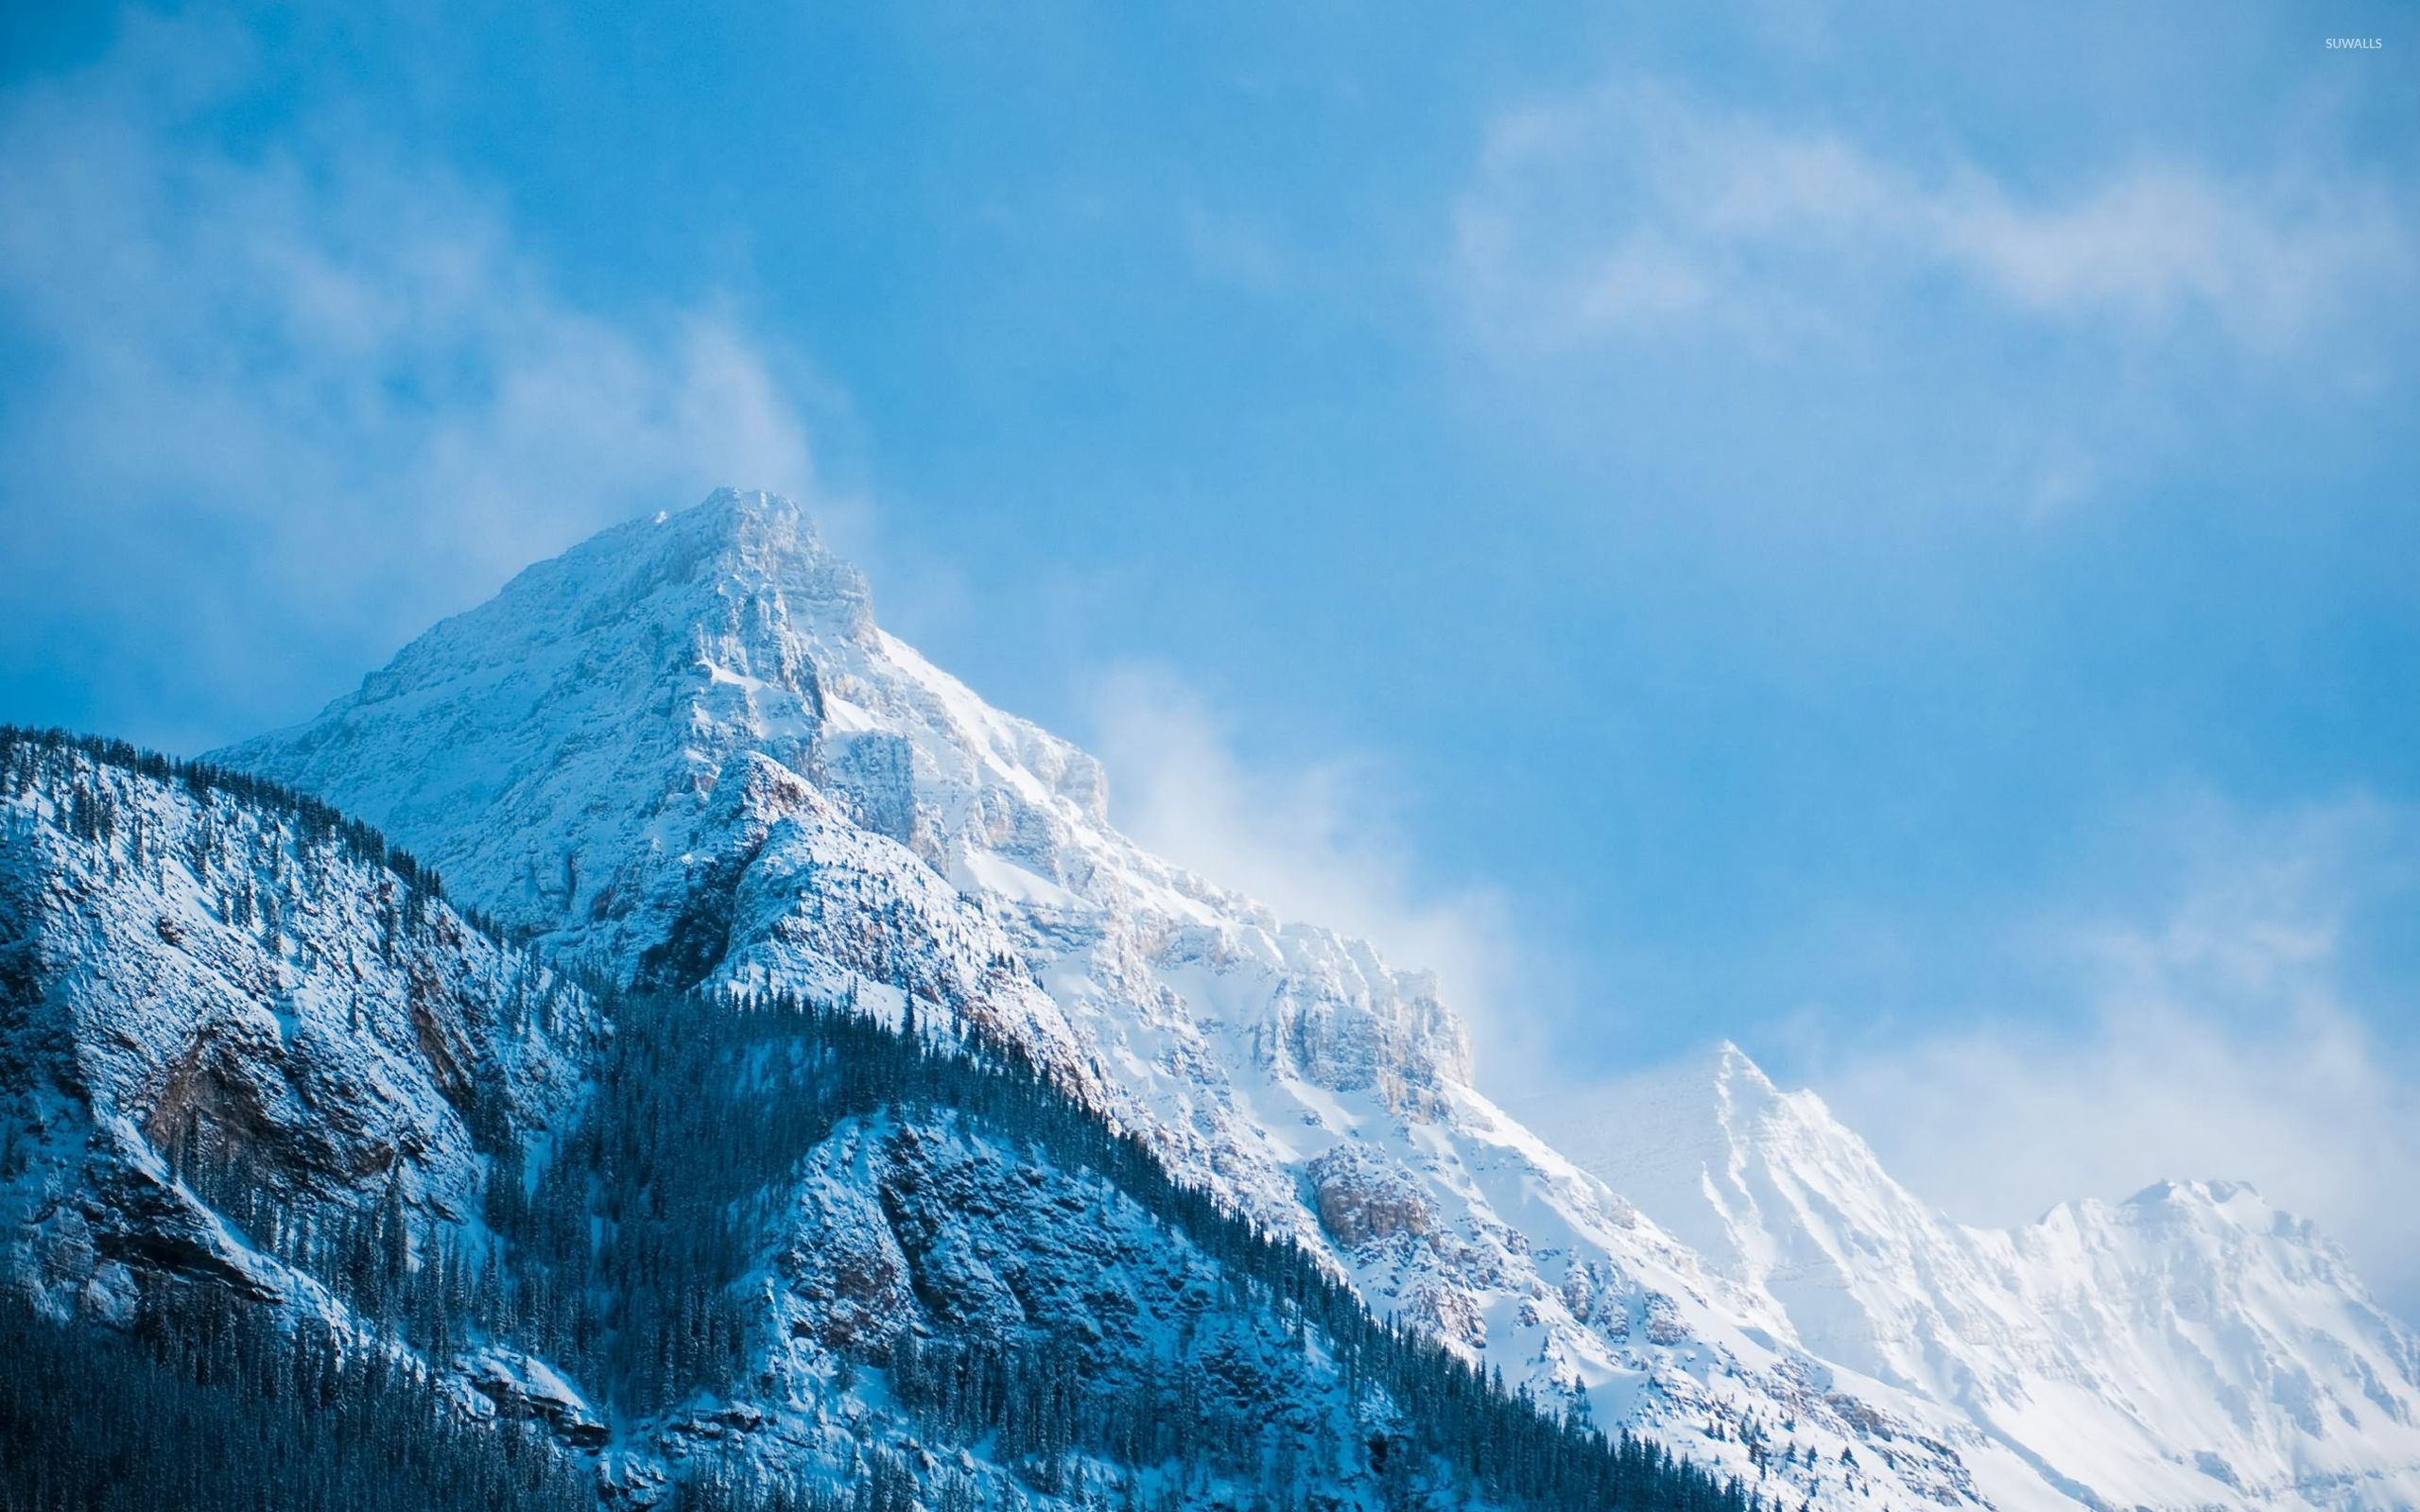 Snowy mountain peaks [3] wallpaper